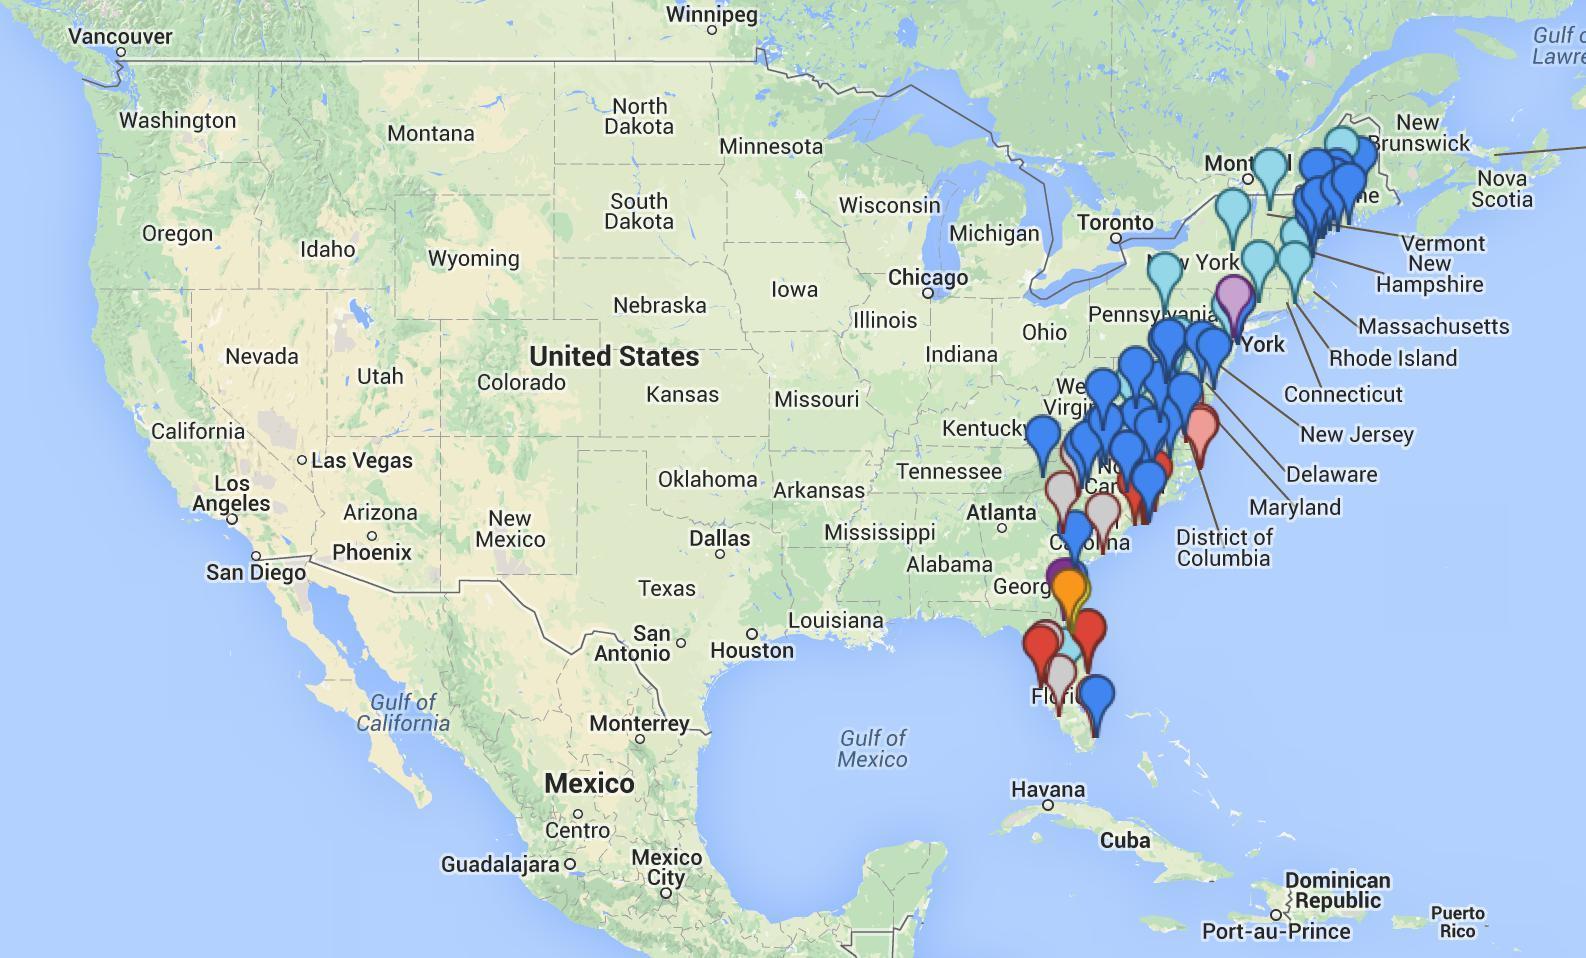 Giacimenti di petrolio: Obama e quelle 'sospette' ispezioni nell'Atlantico